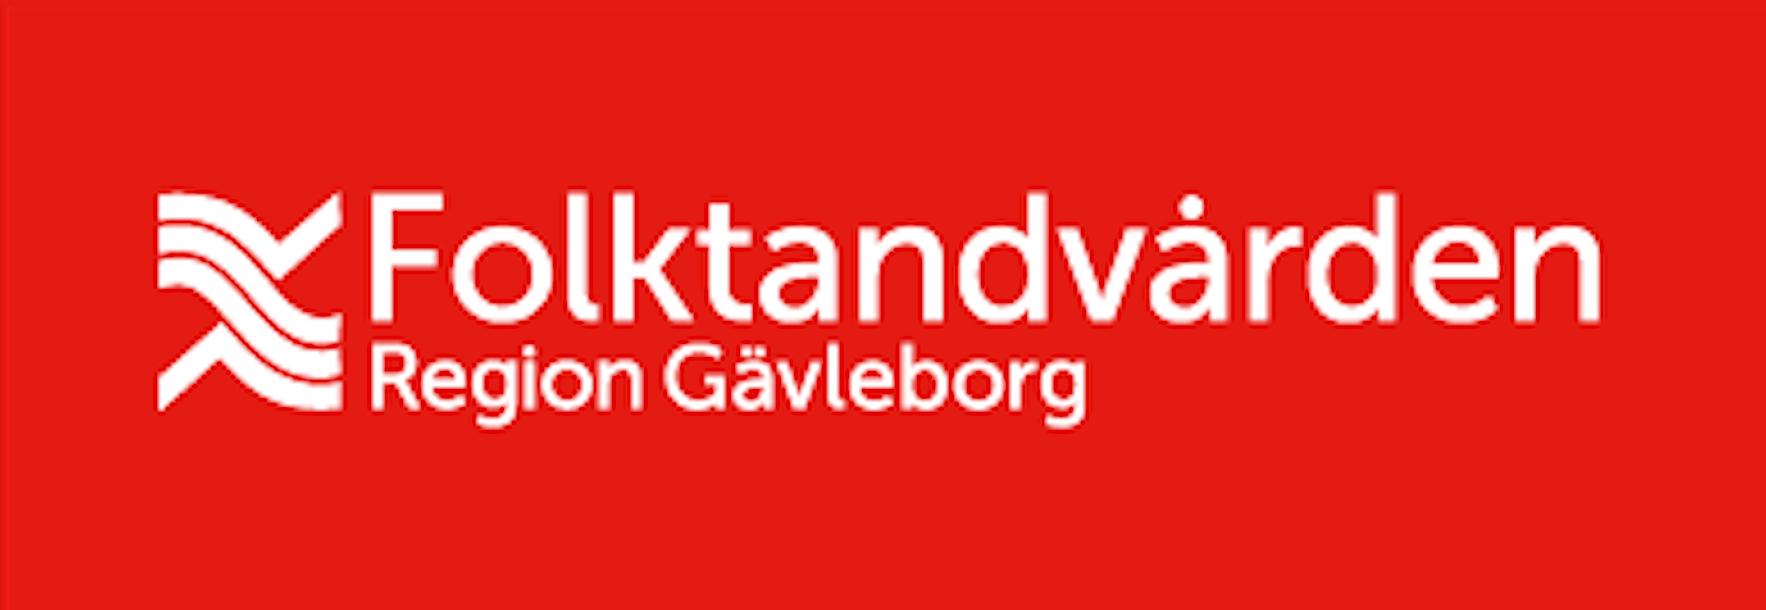 Folktandvården Gävleborg